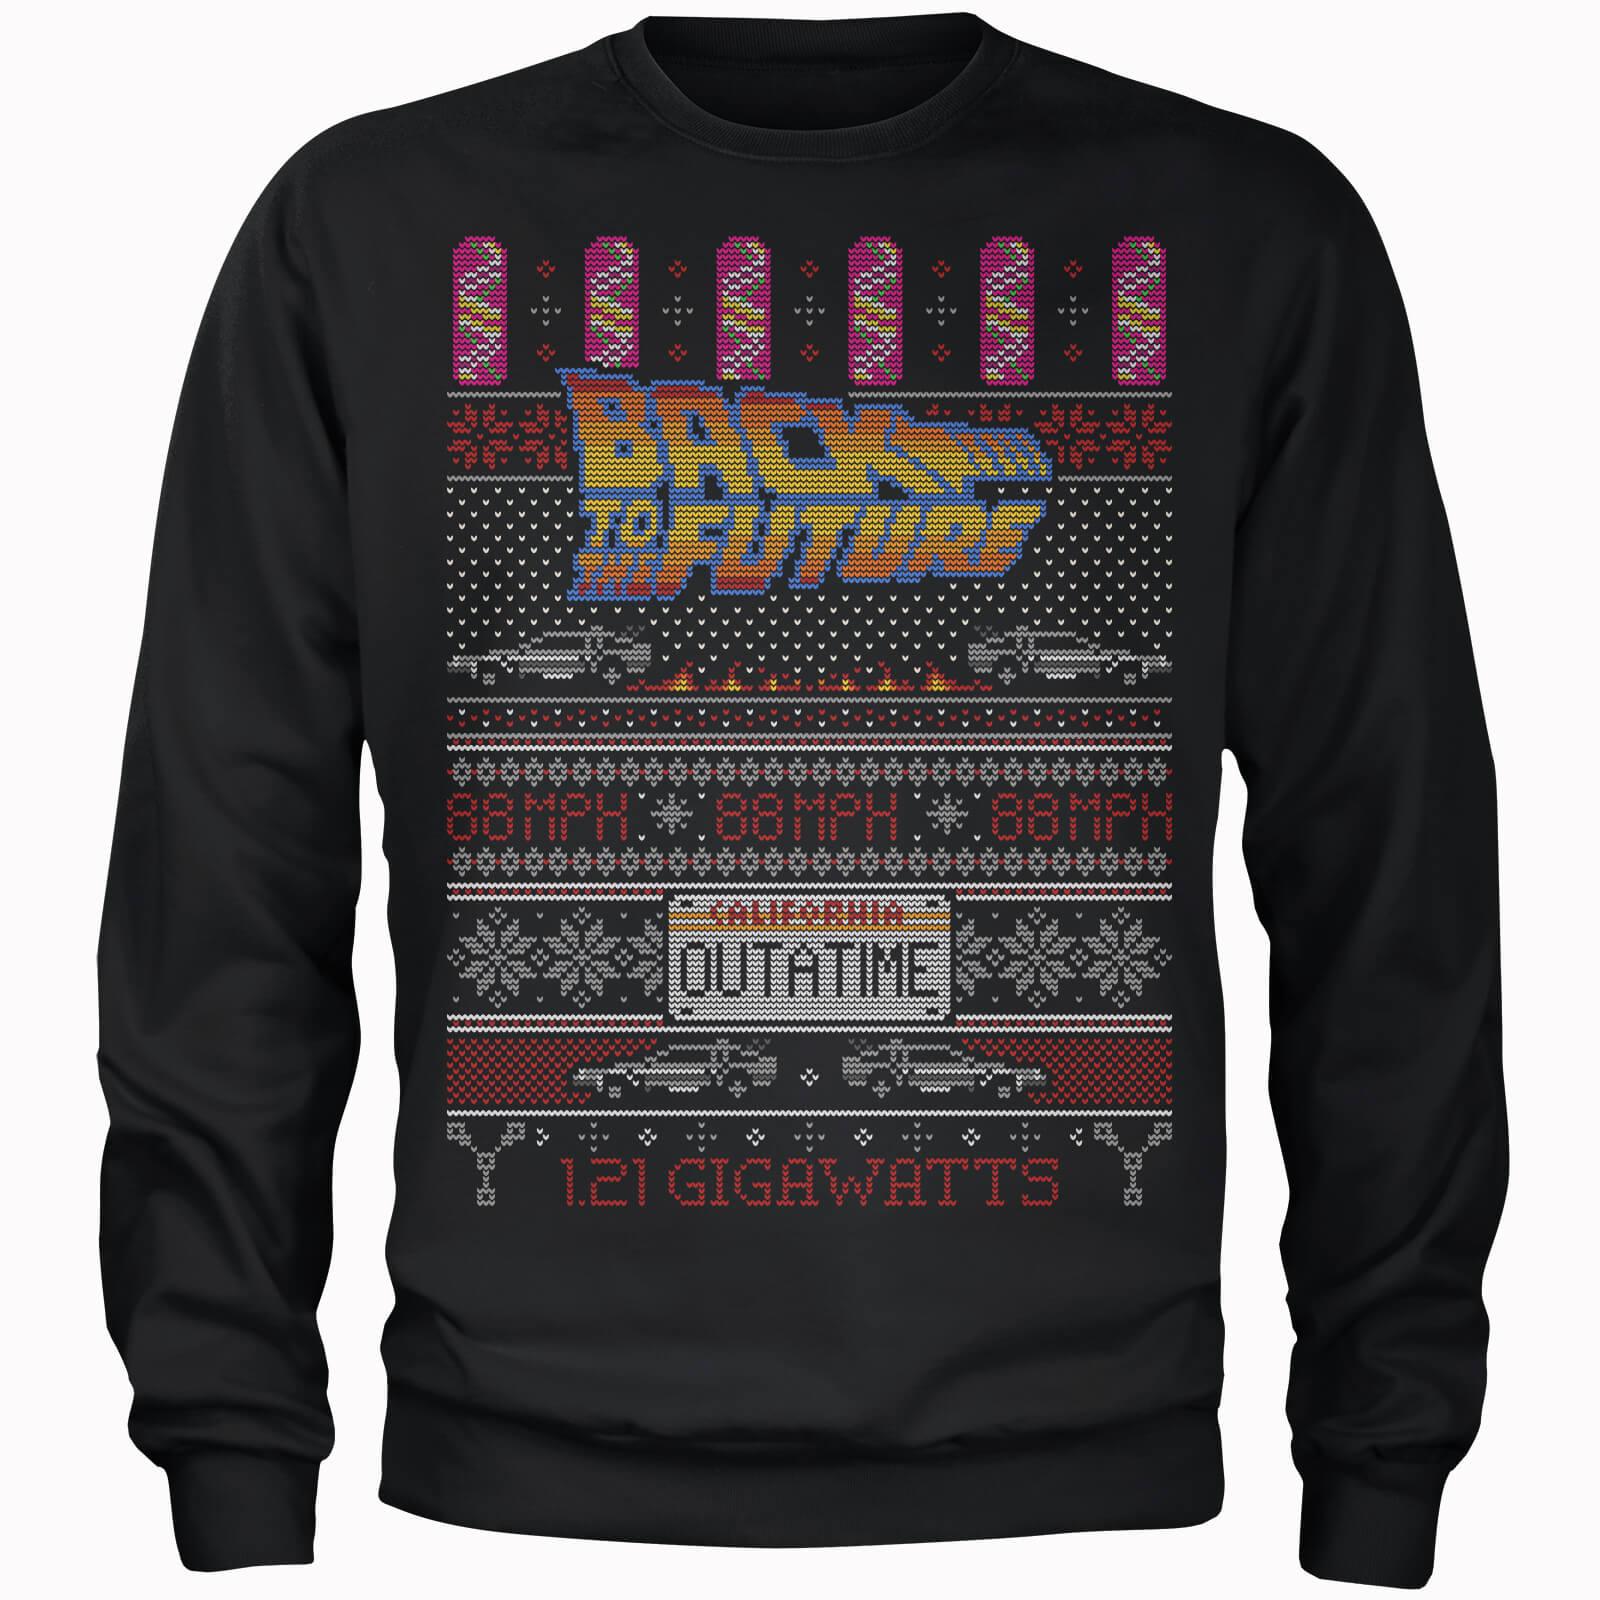 Weihnachtspullover für 14,99€ bei Zavvi